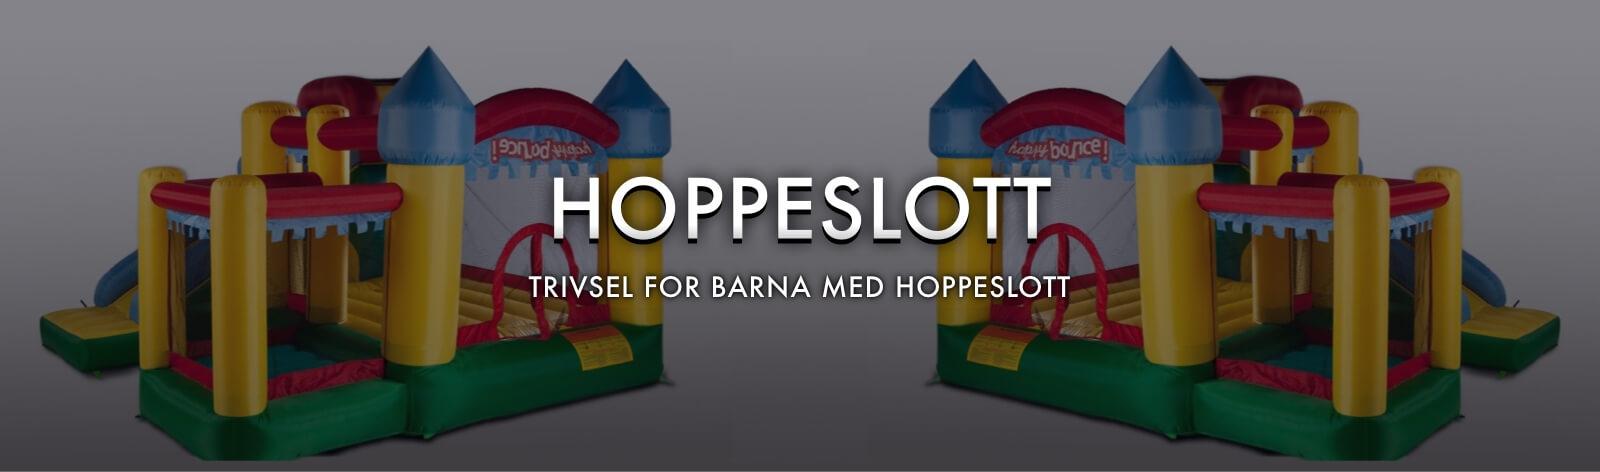 HOPPESLOTT